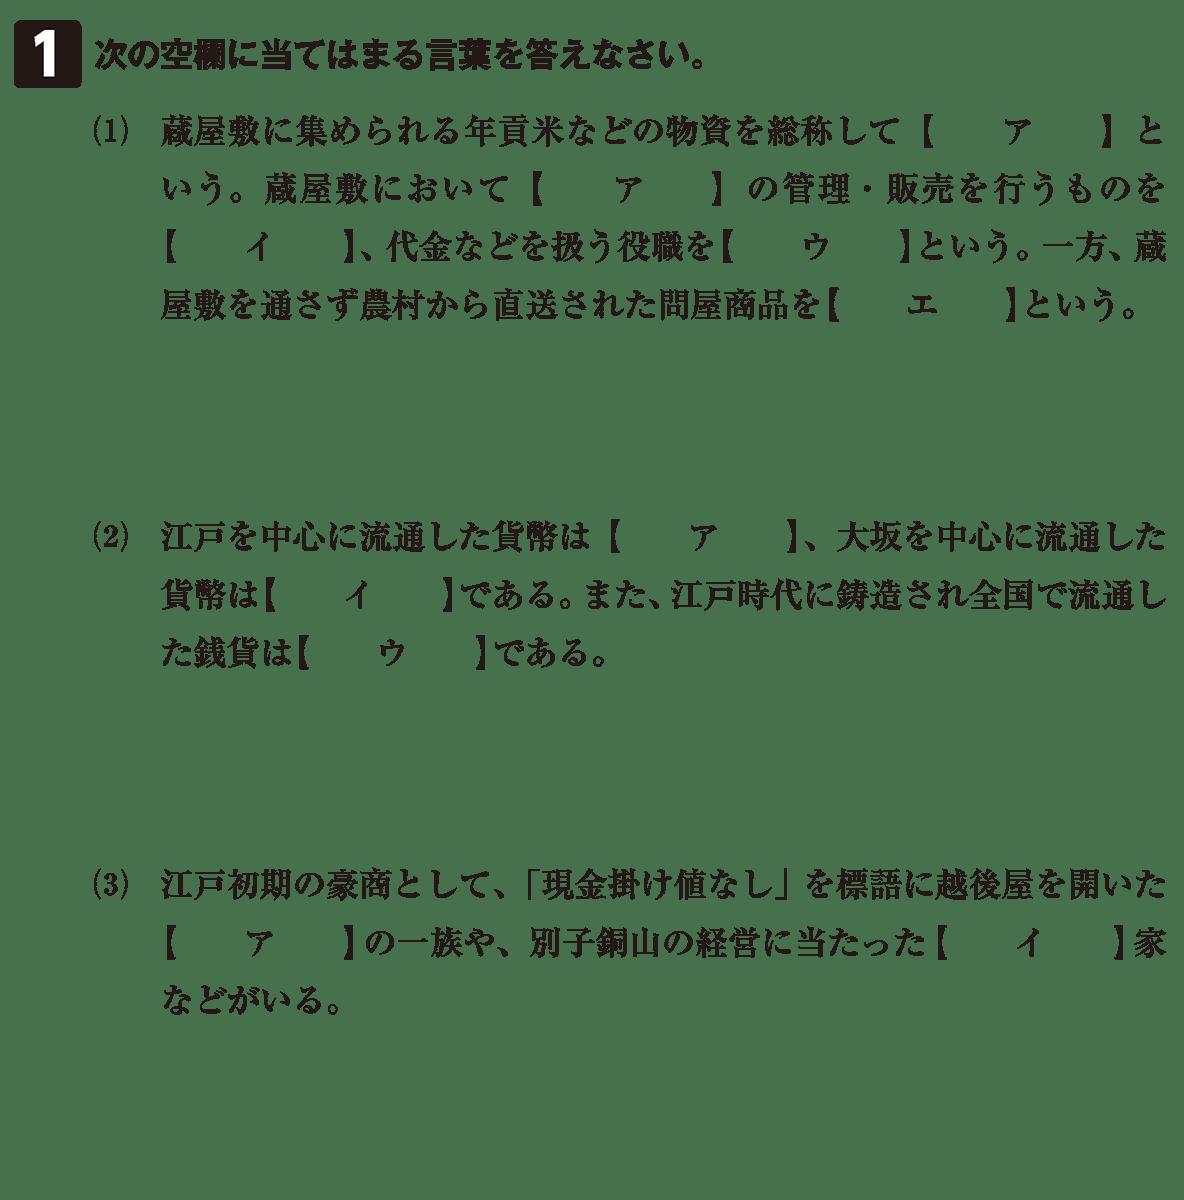 近世33 問題1 カッコ空欄